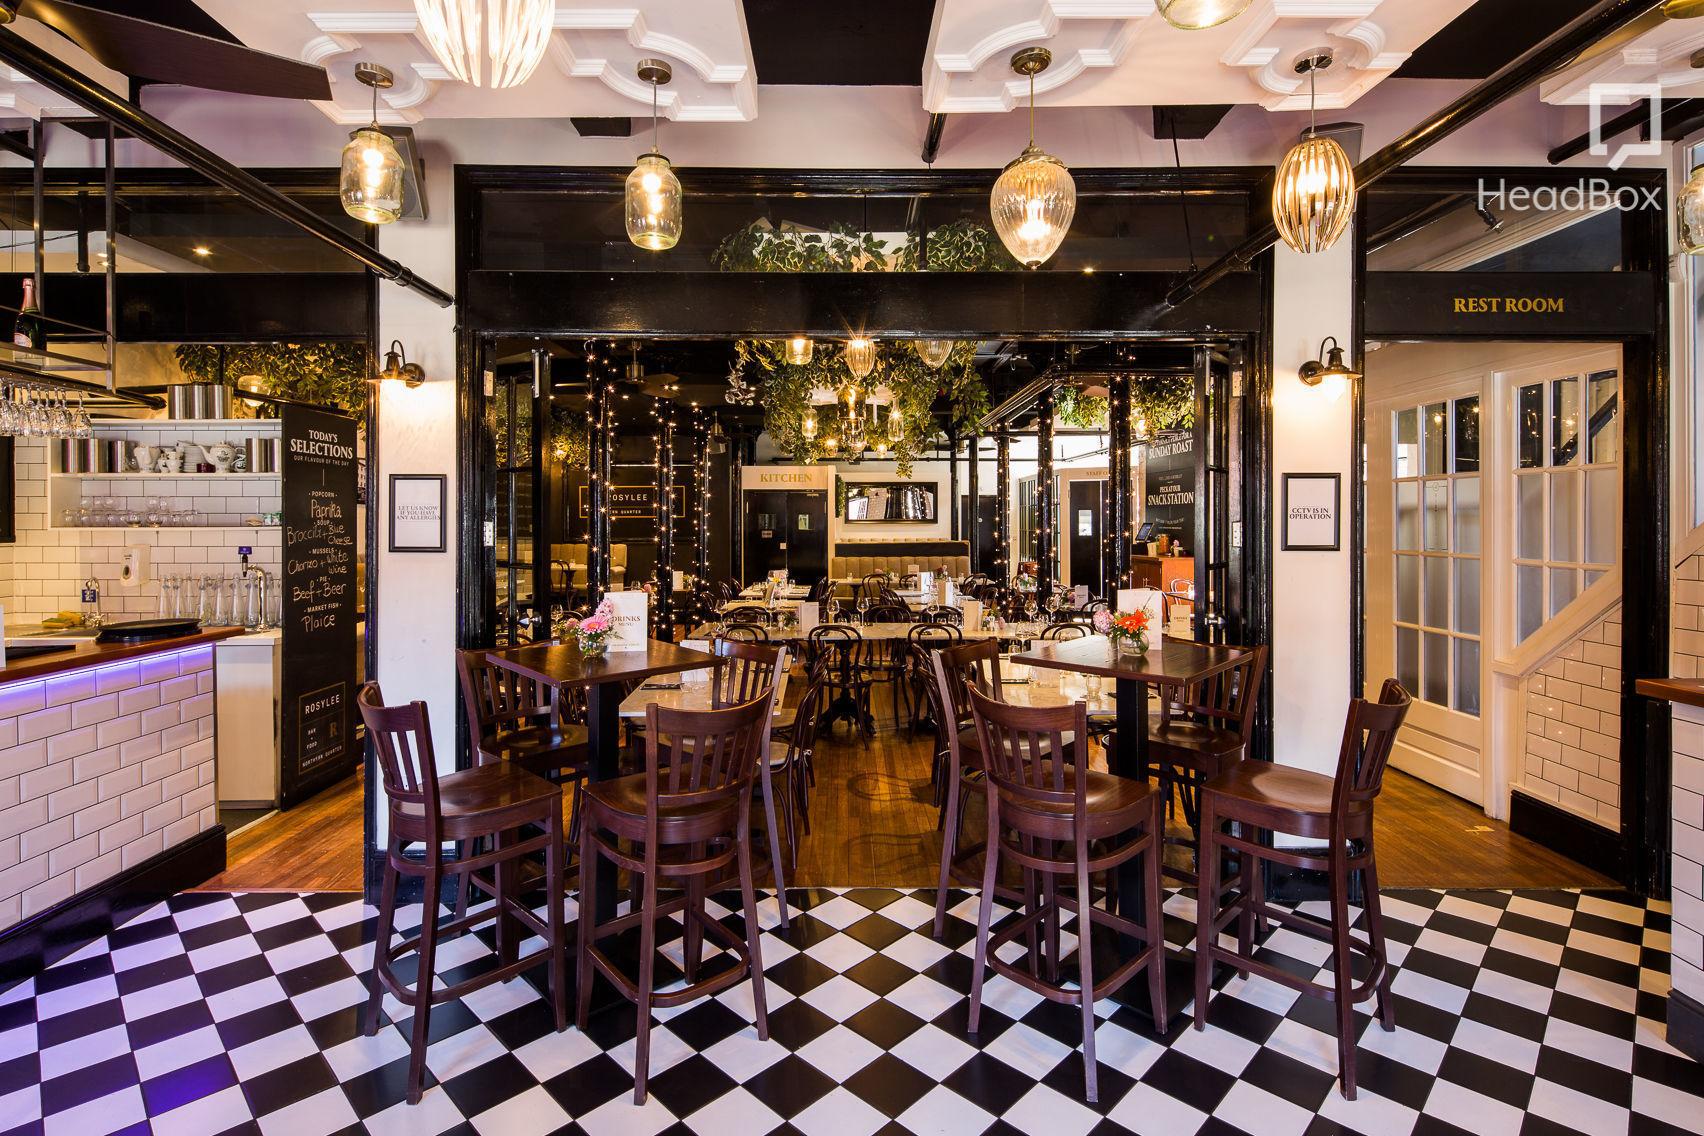 Hotel Restaurants Manchester